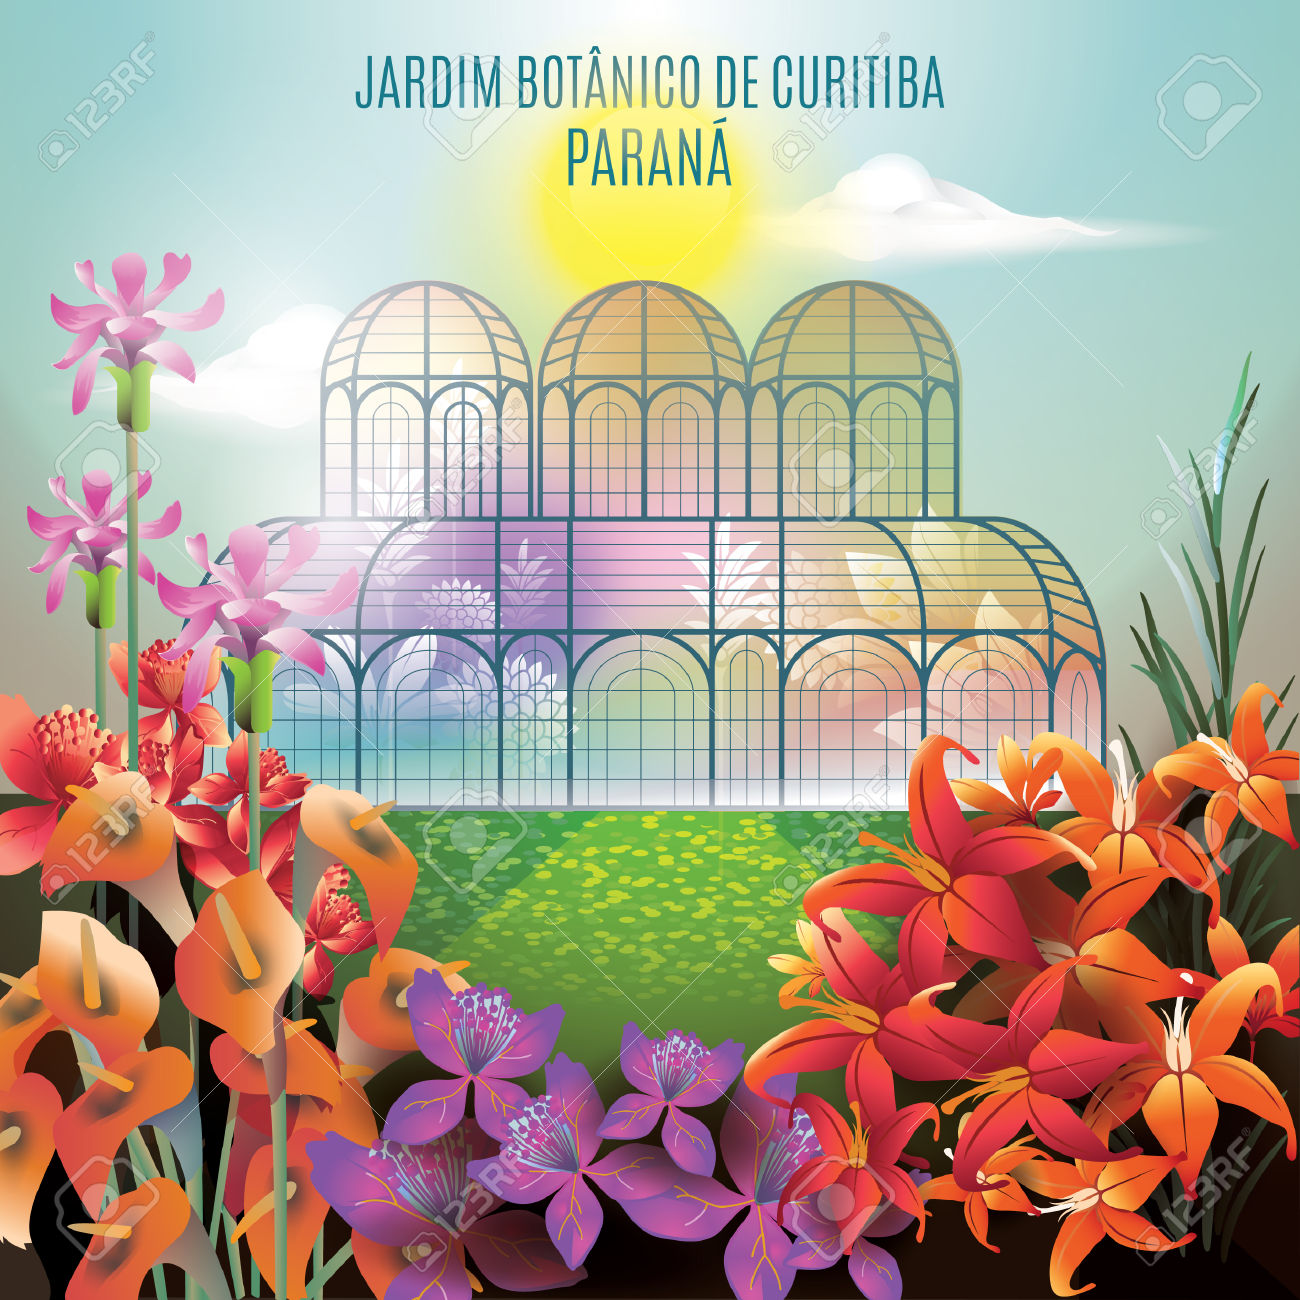 Jardim Botanico De Curitiba Parana Royalty Free Cliparts, Vectors.